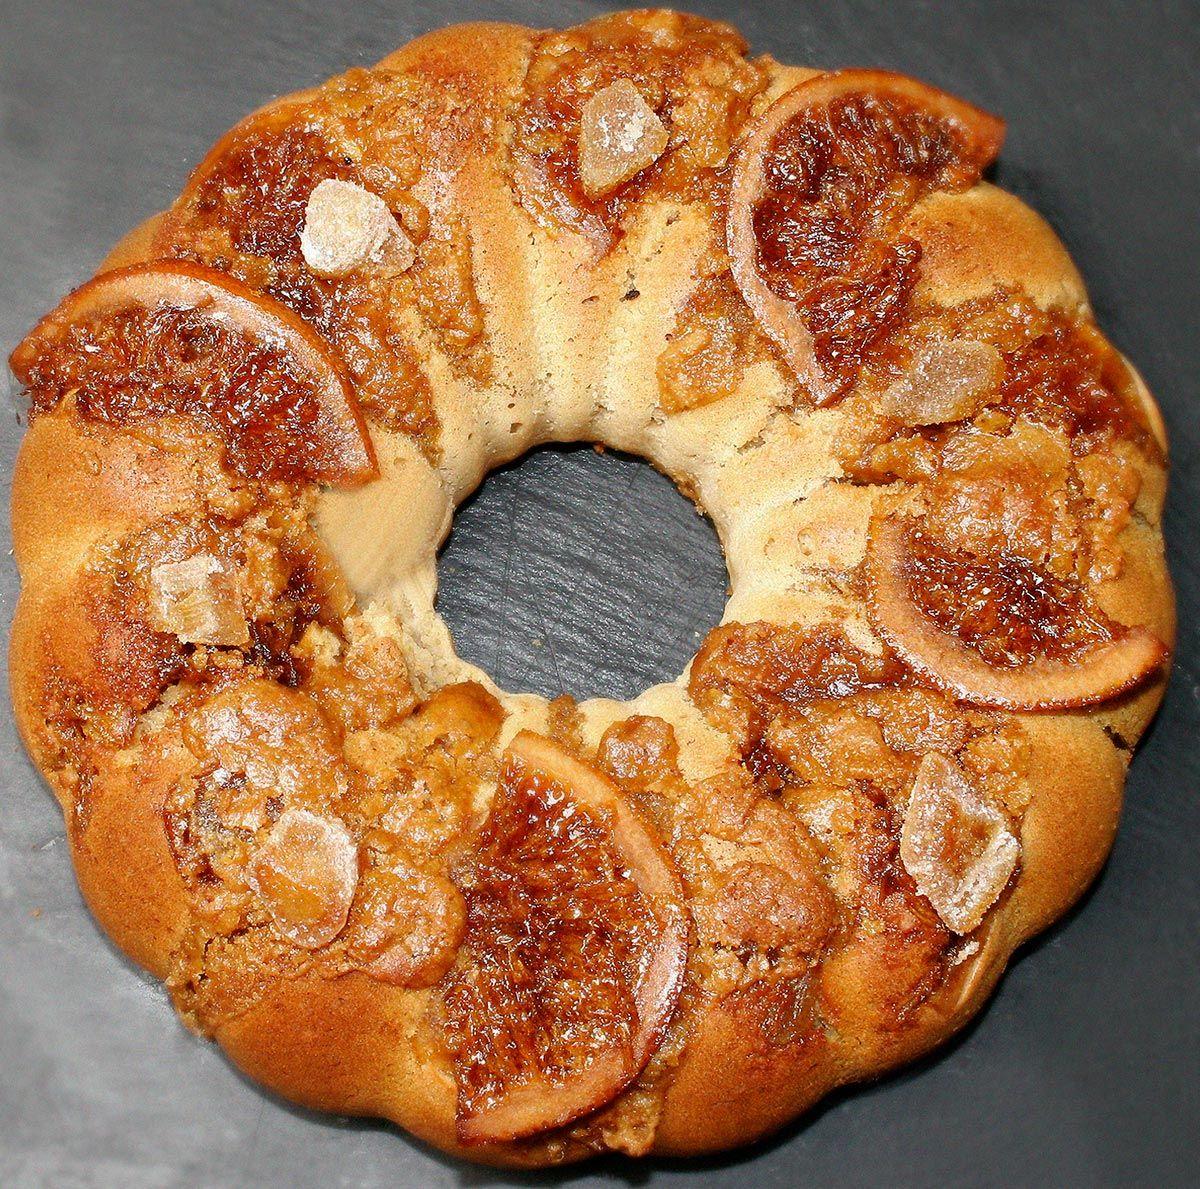 Receta Roscón De Reyes Casero Y Sin Gluten Roscon De Reyes Casero Roscón De Reyes Sin Gluten